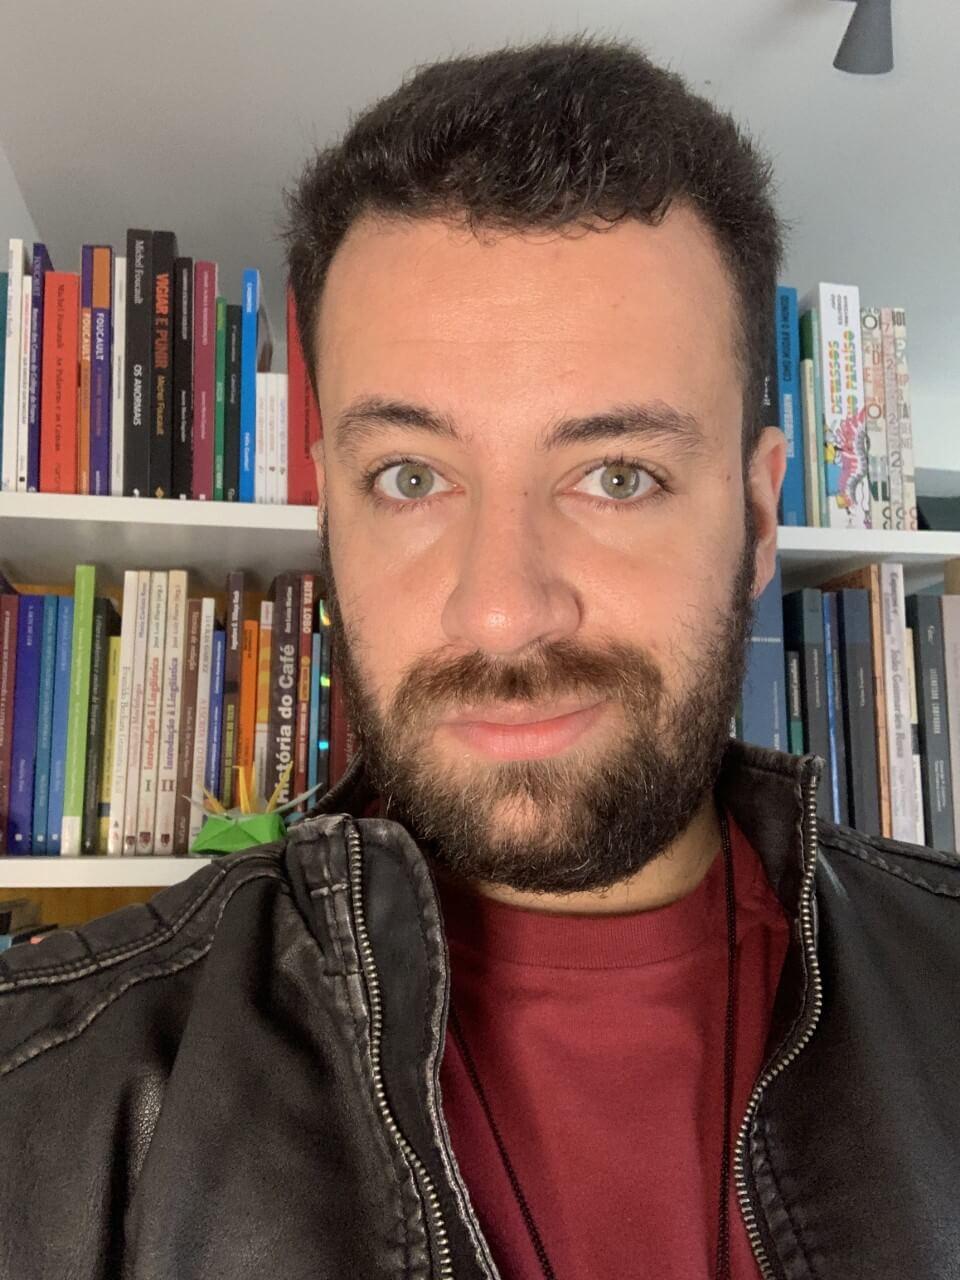 Natanael Peres Fernandes